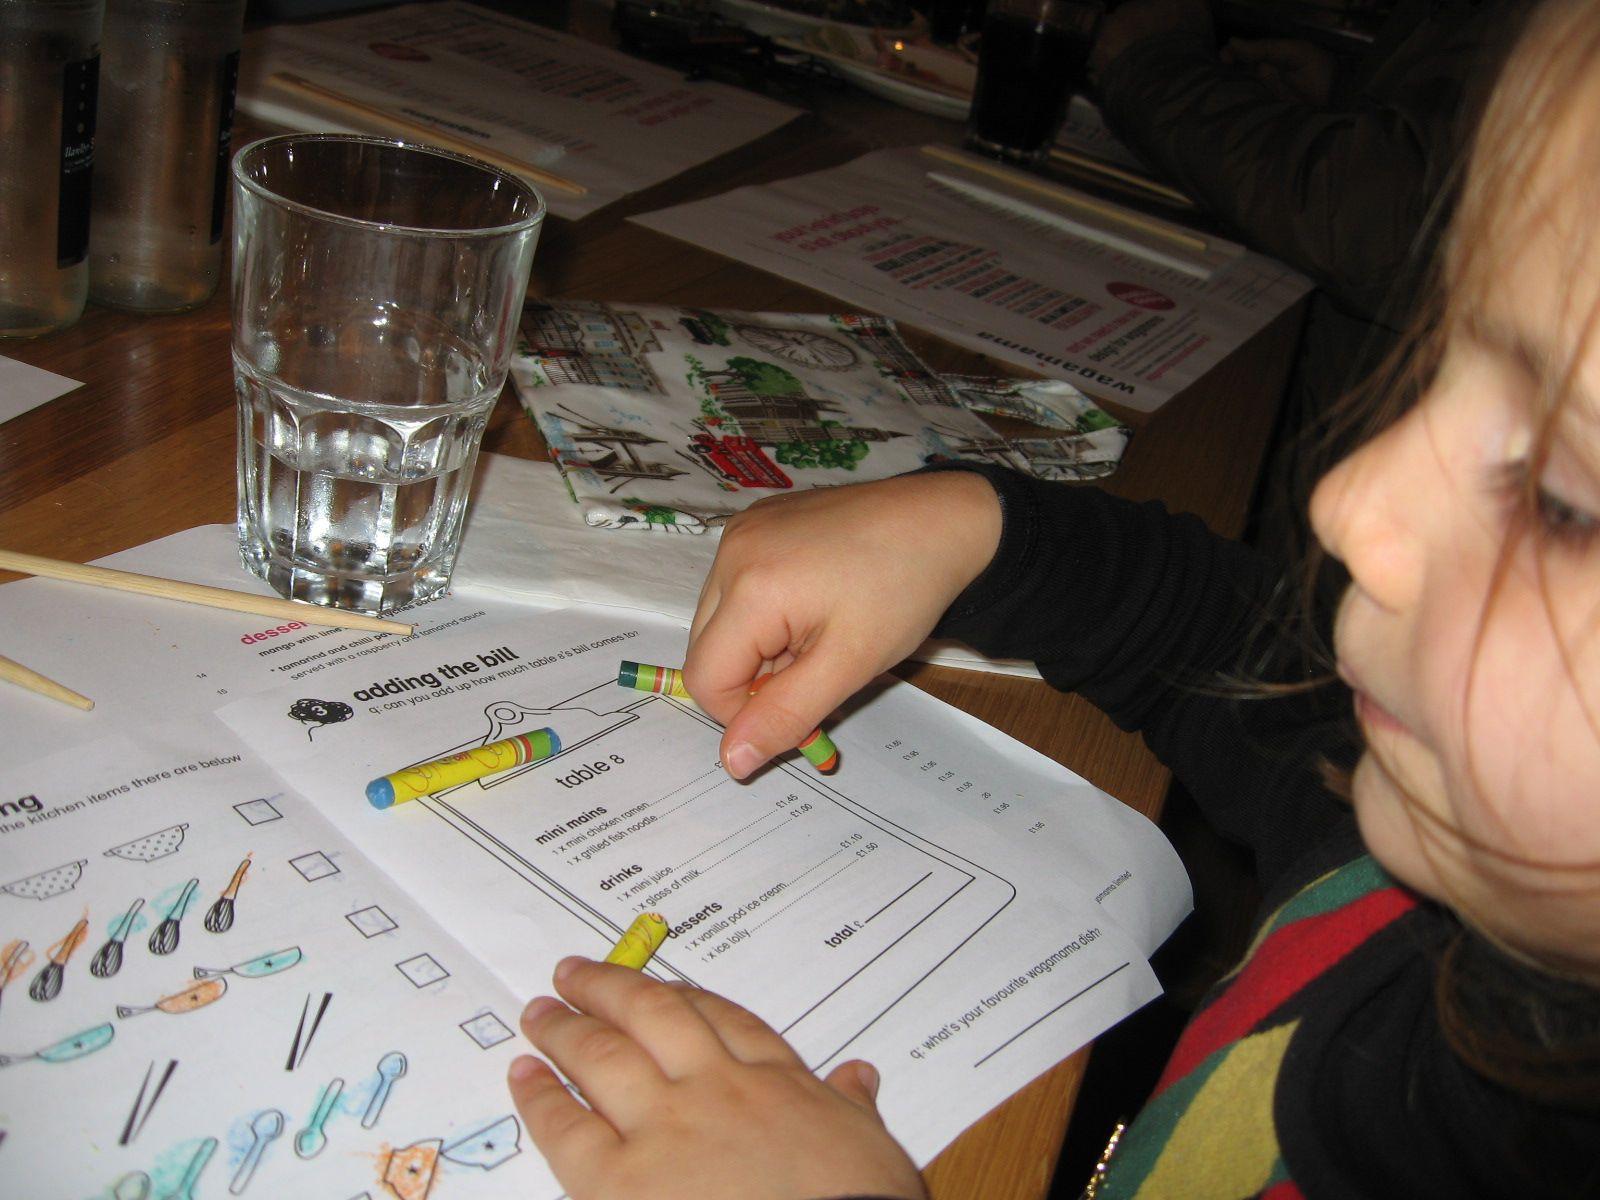 Childrens' menus at Wagamama